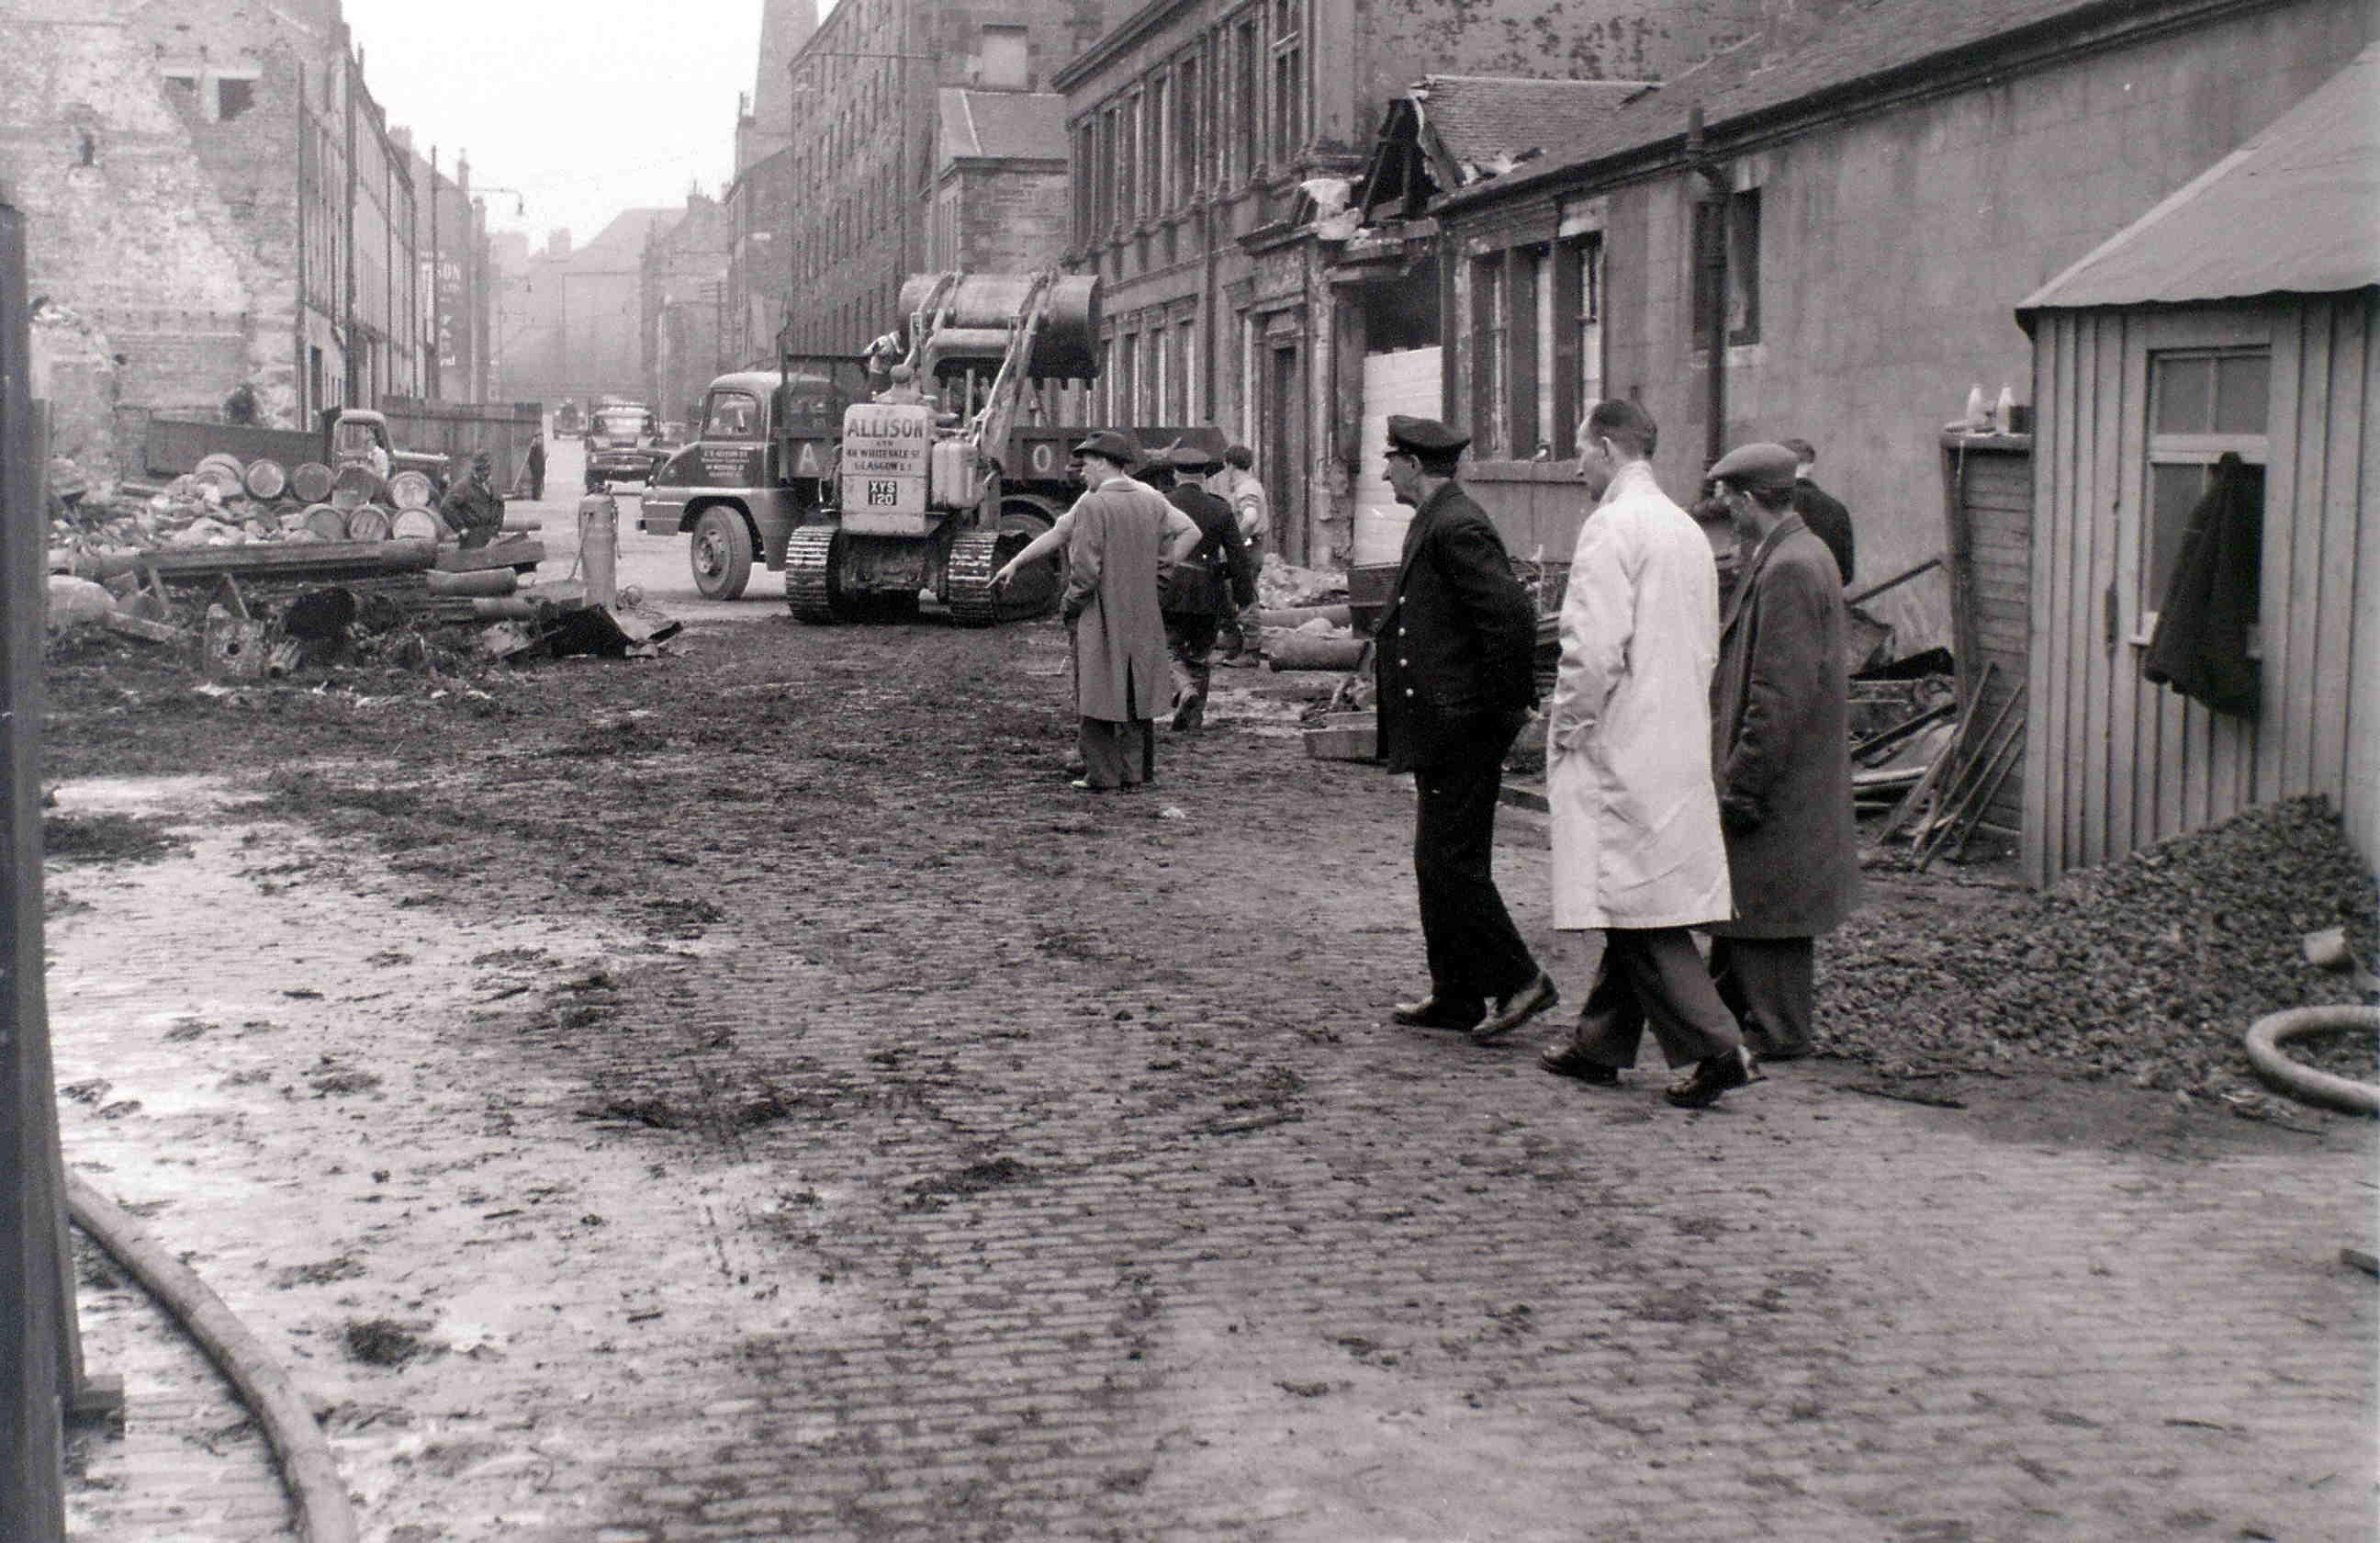 Глазго, 19 апреля 1960. После пожара3.jpg